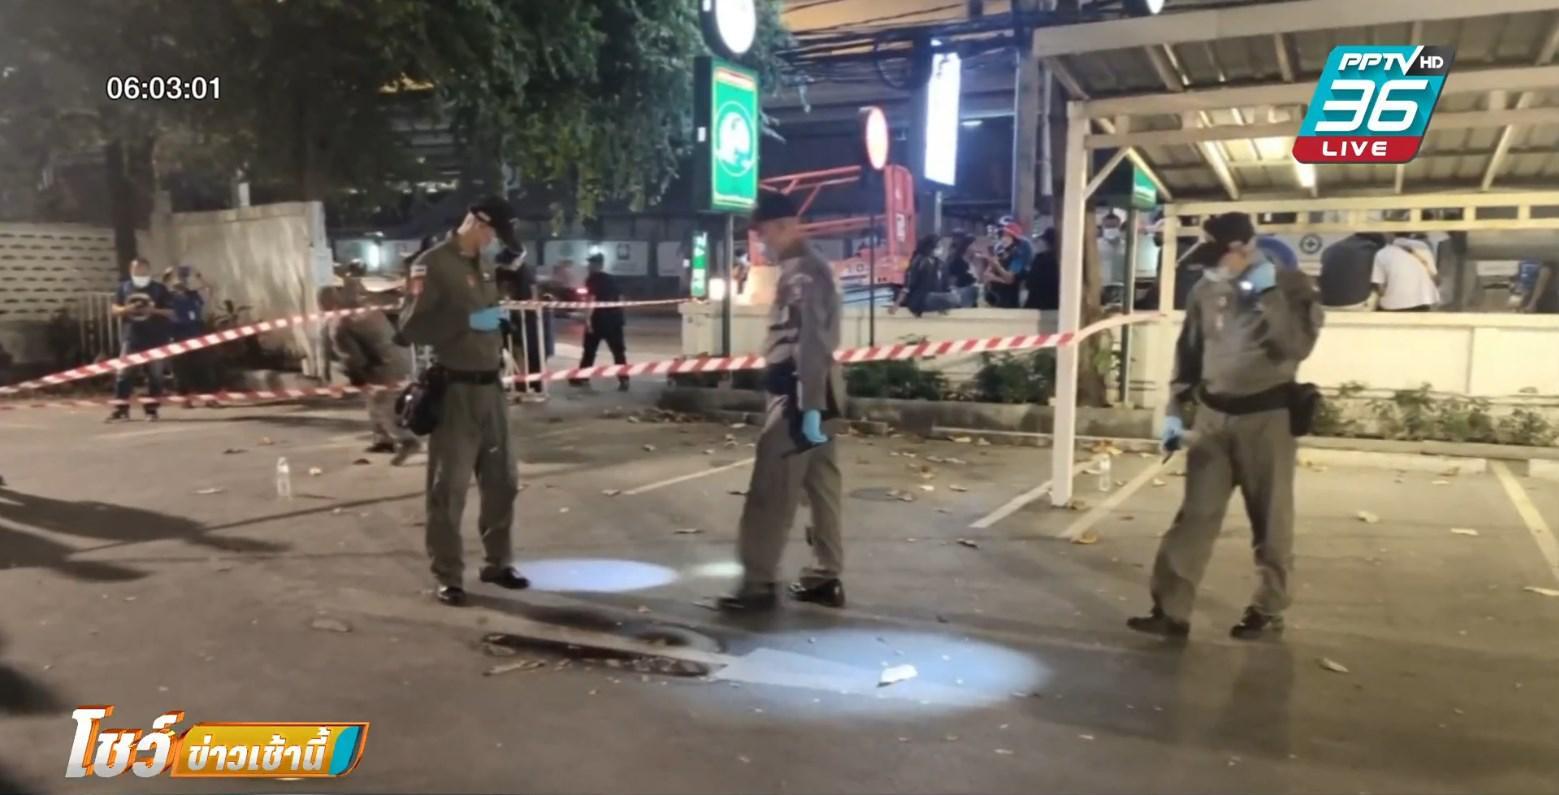 ระเบิดใต้สถานีรถไฟฟ้าเซนต์หลุยส์ ใกล้สถานทูตเมียนมา